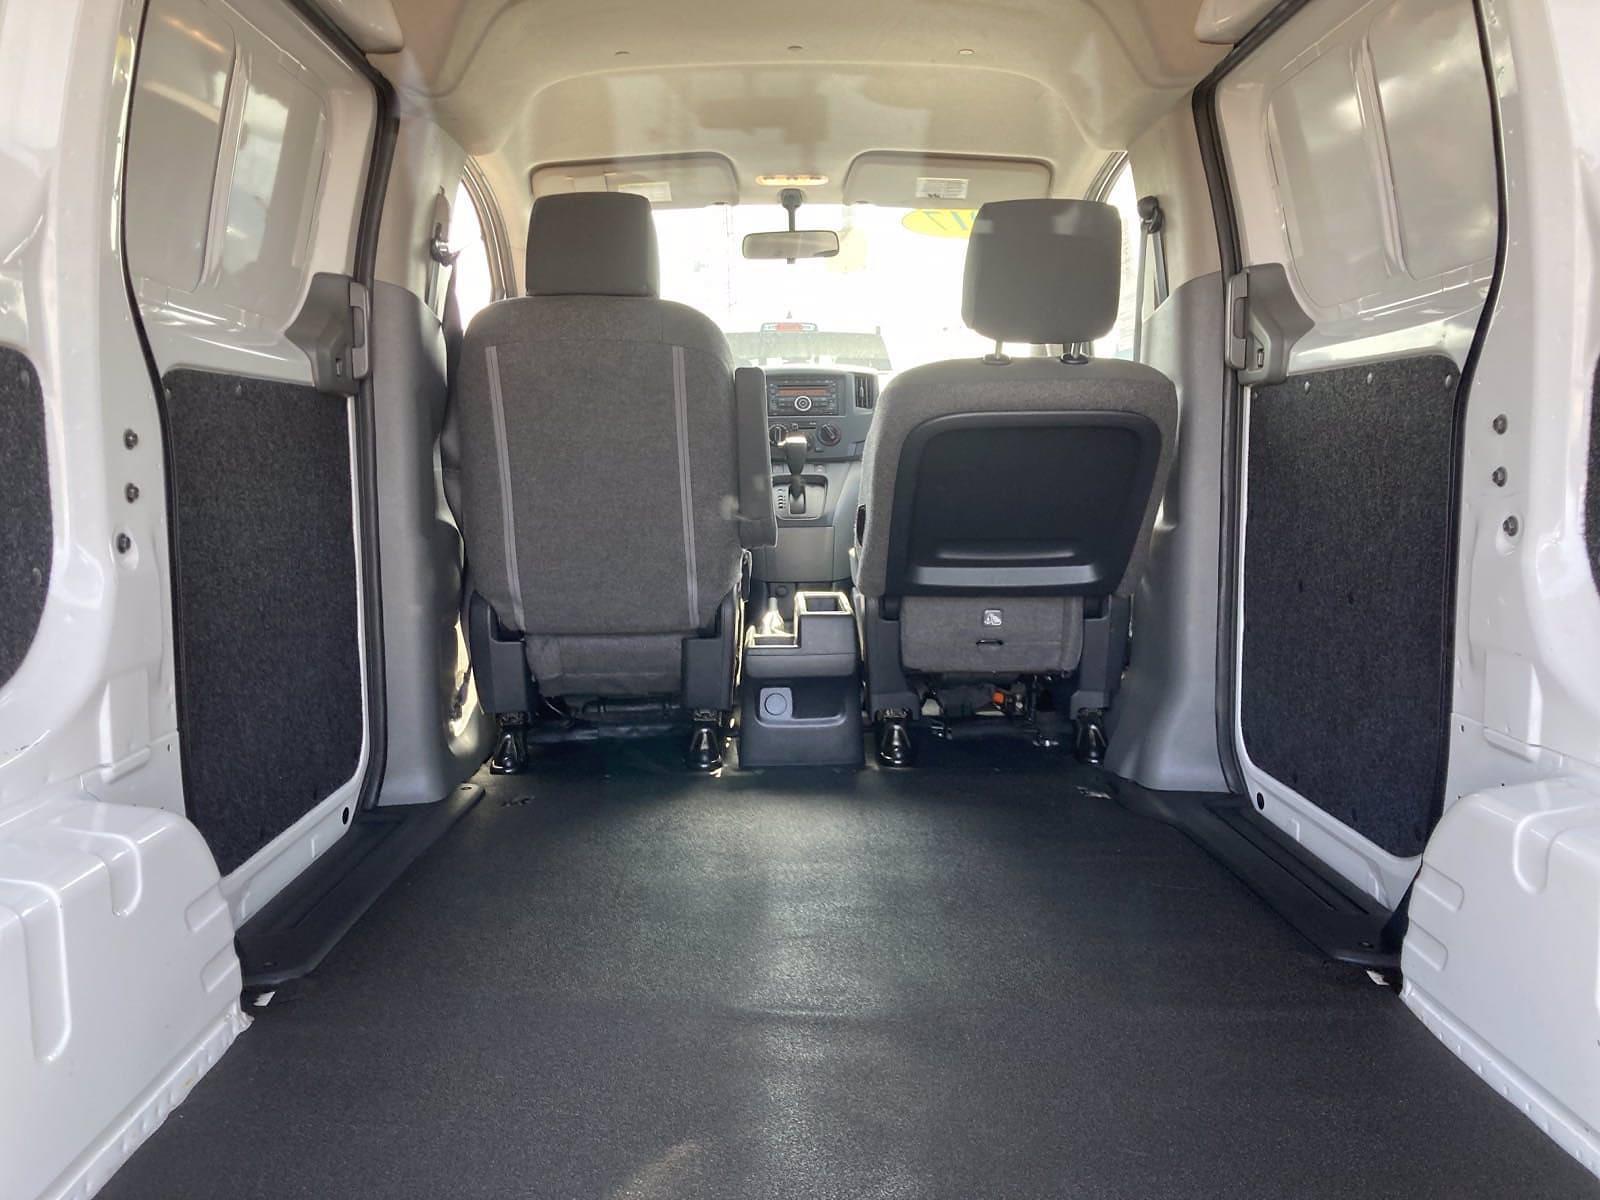 2017 Nissan NV200 4x2, Empty Cargo Van #J1457A - photo 1